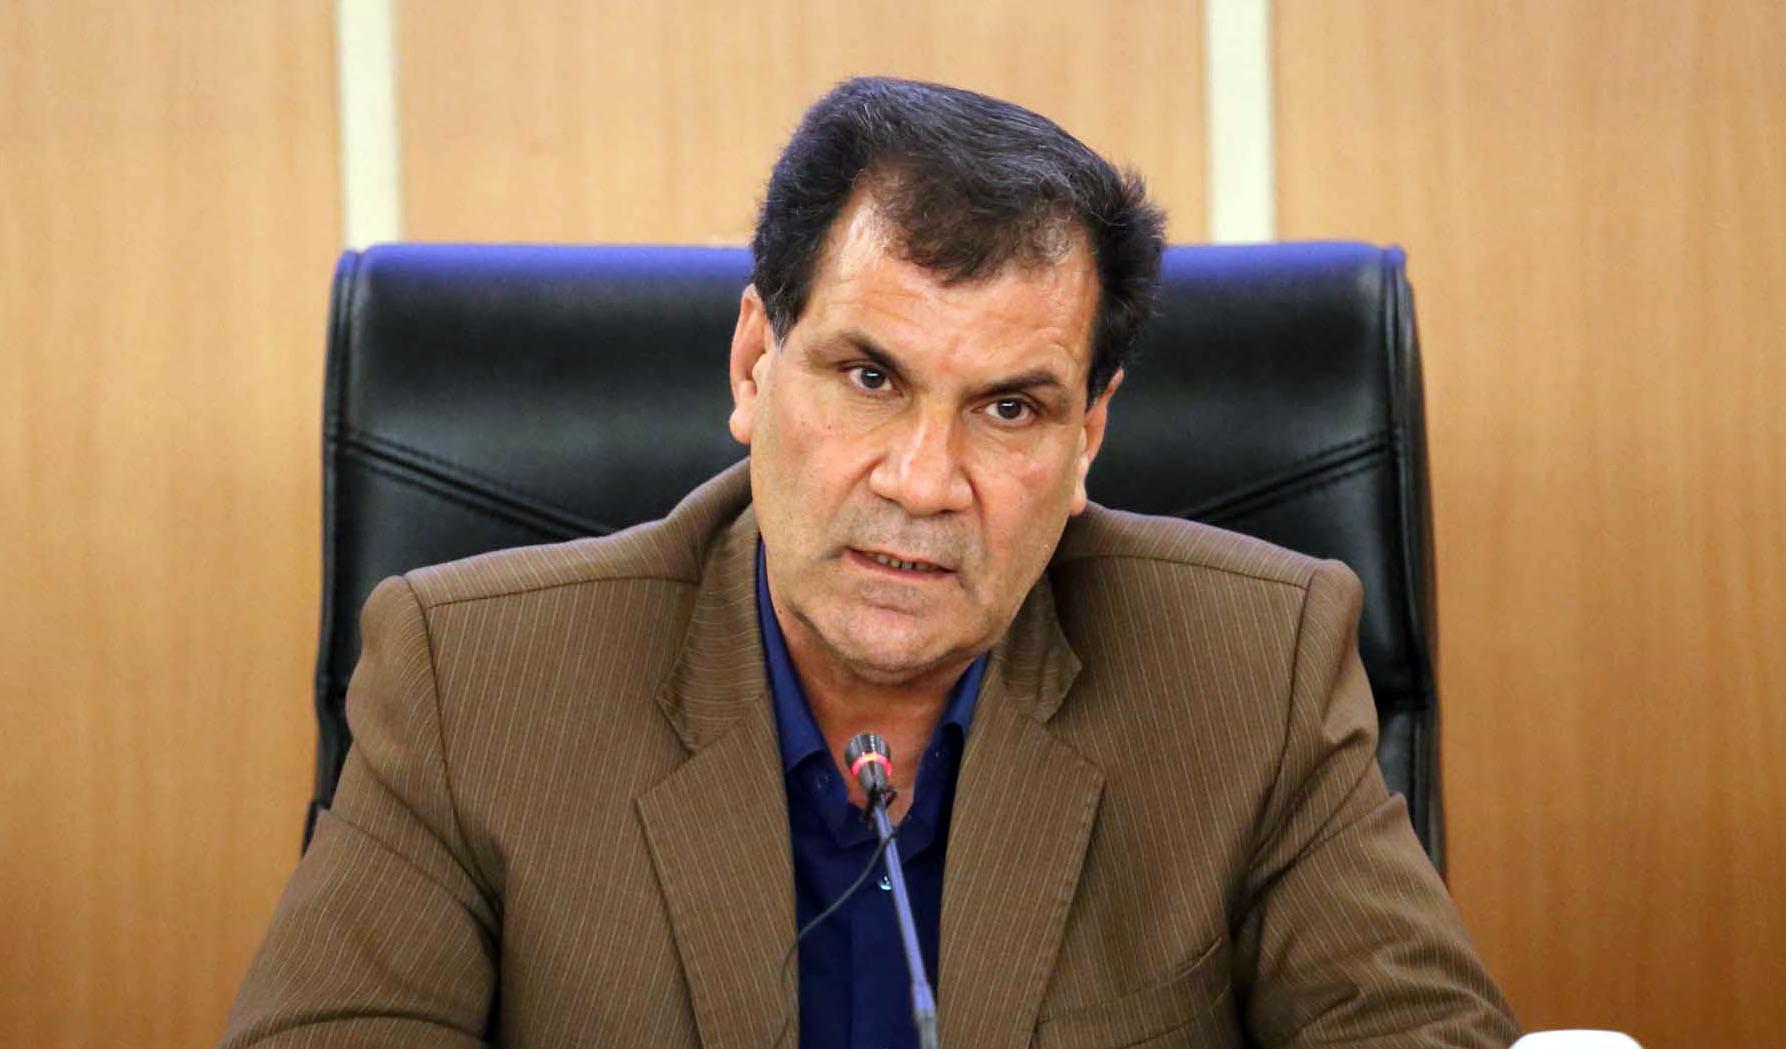 اتصال همه دستگاهای دولتی به شبکه دولت(غلط های املایی و نگارشی اصلاح شود لطفا)!!!!!!!!!!!!! عکس اضاف شود